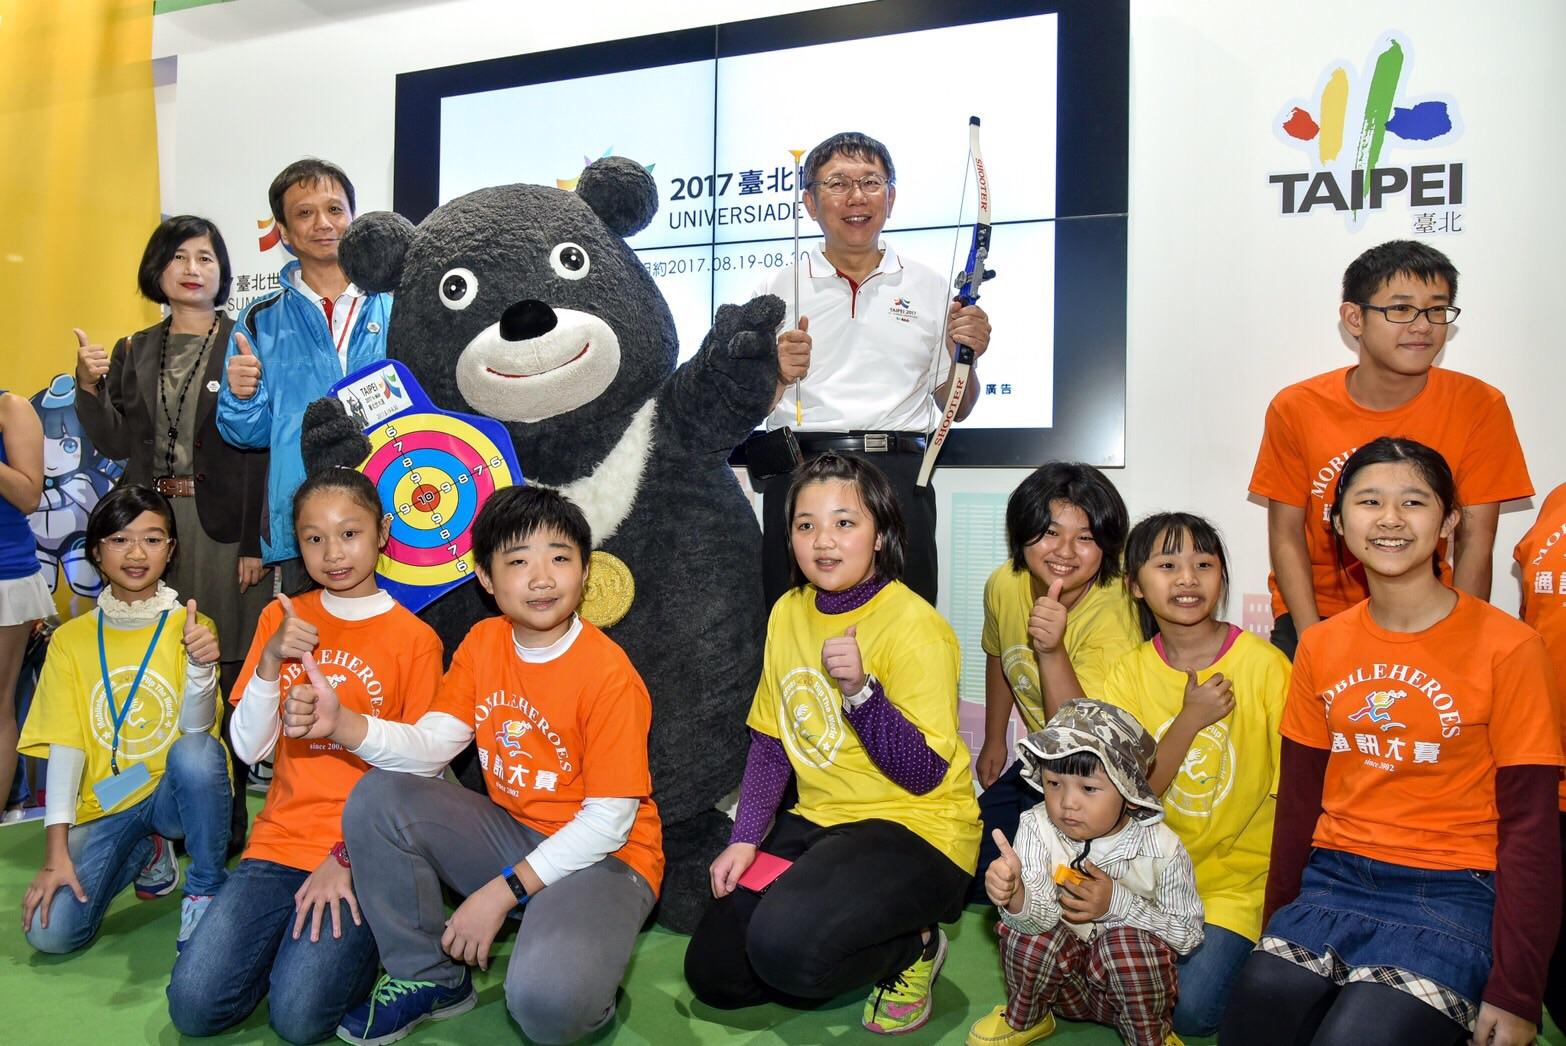 圖3:資訊局陳慧敏主秘、李維斌局長、熊讚、柯市長(從左至右)和日新國小學生合影